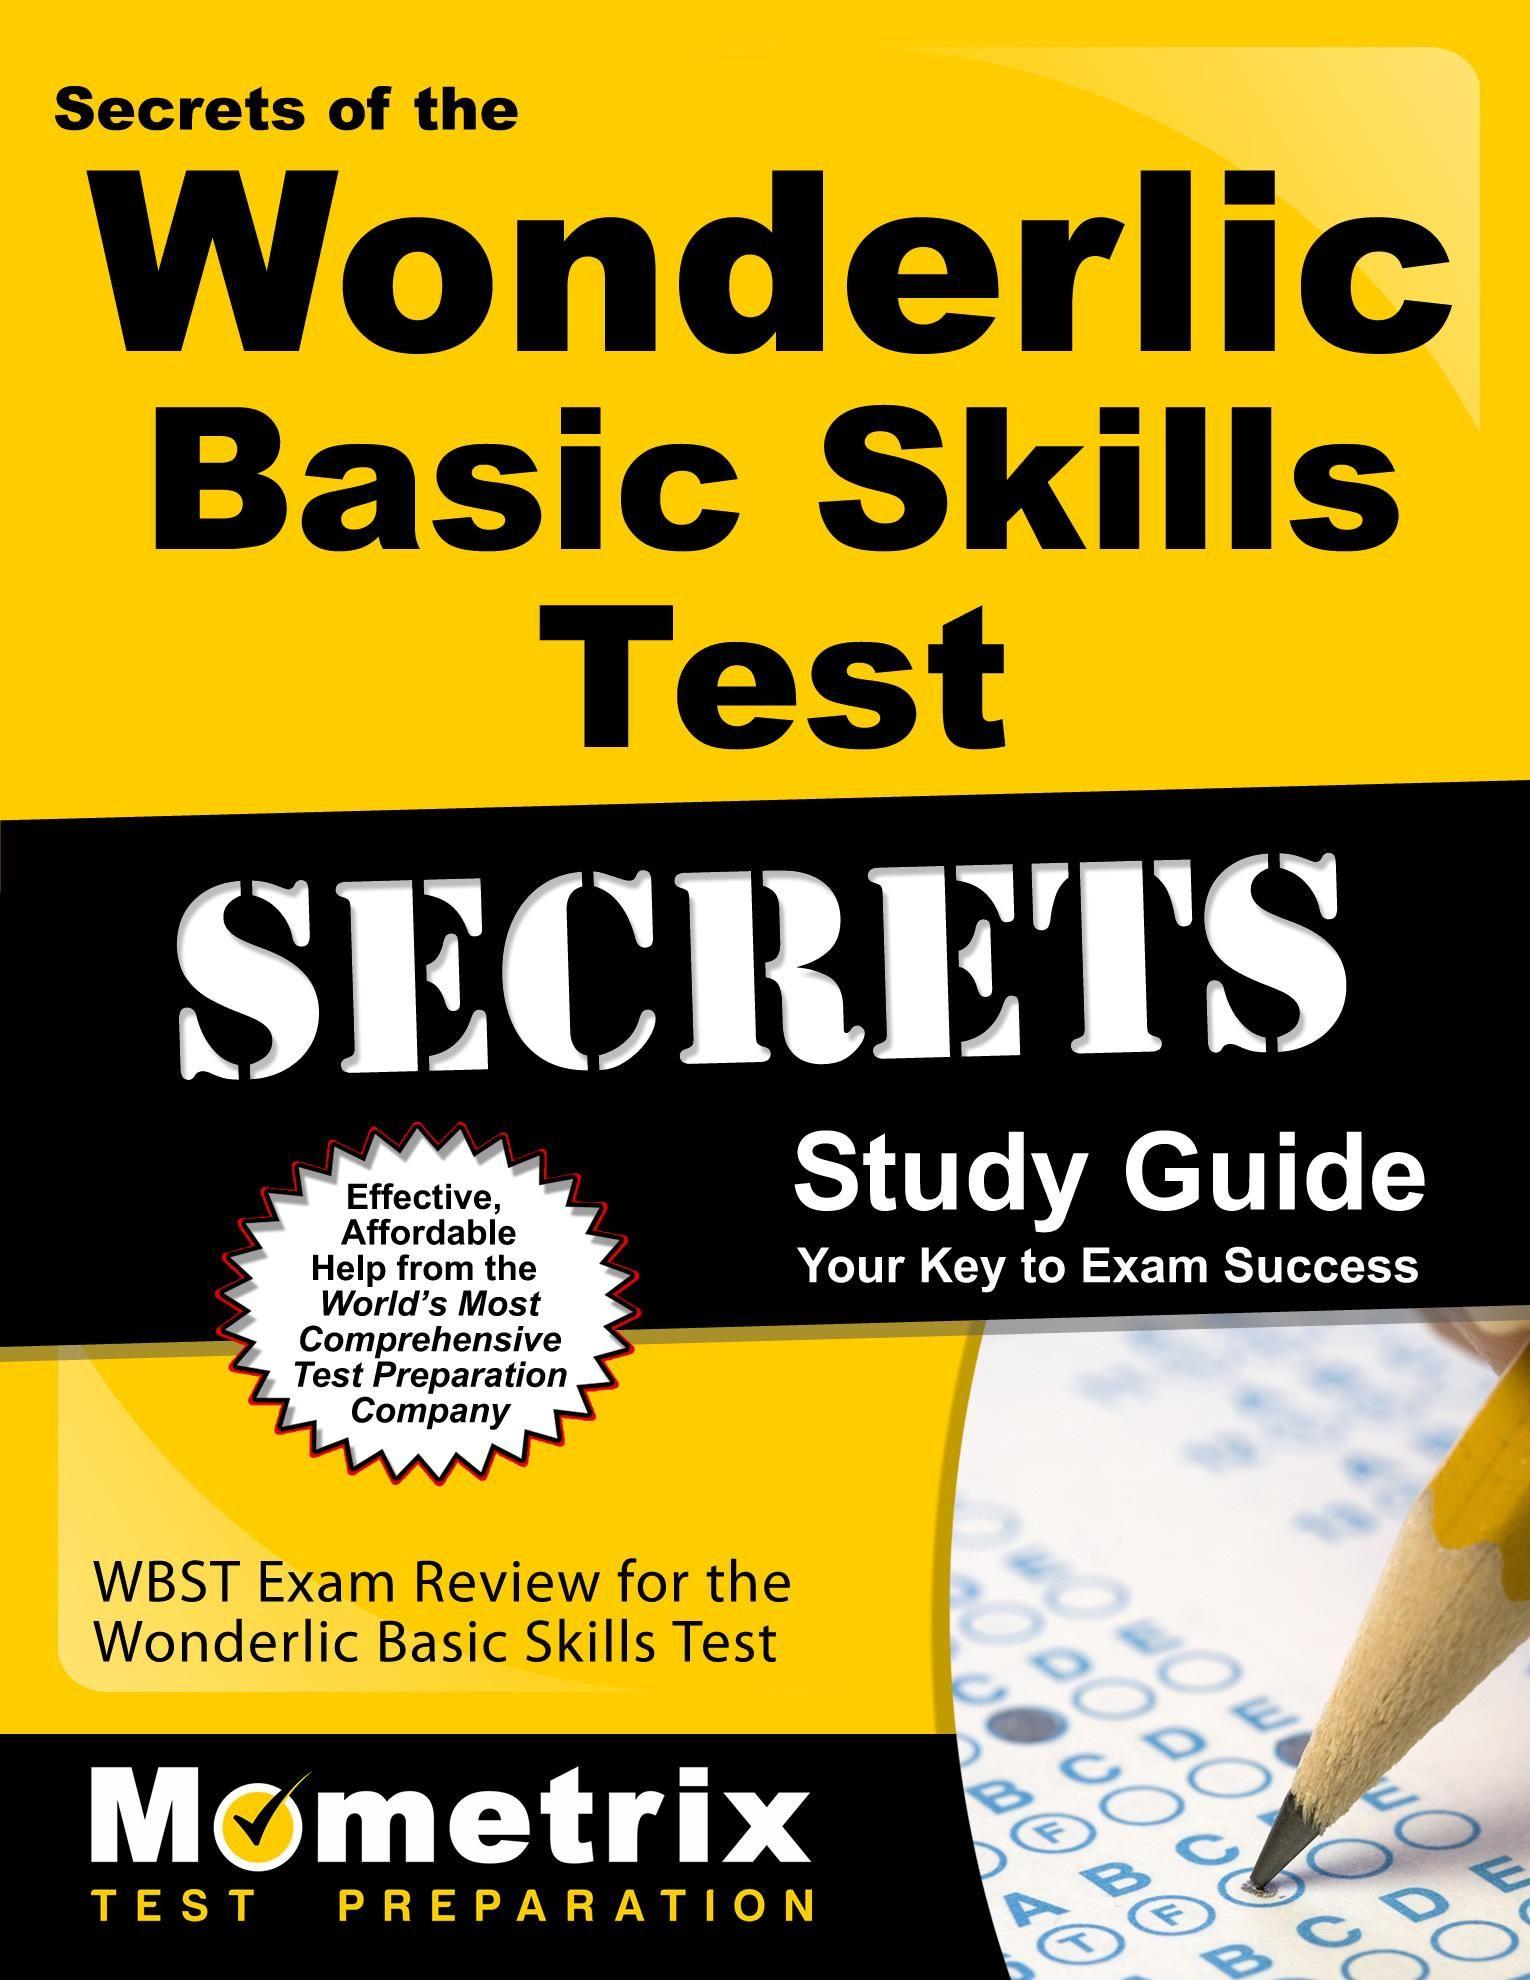 #BFCM #CyberMonday #RedShelf - #RedShelf Secrets of the Wonderlic Basic  Skills Test. Nursing ExamExam ...